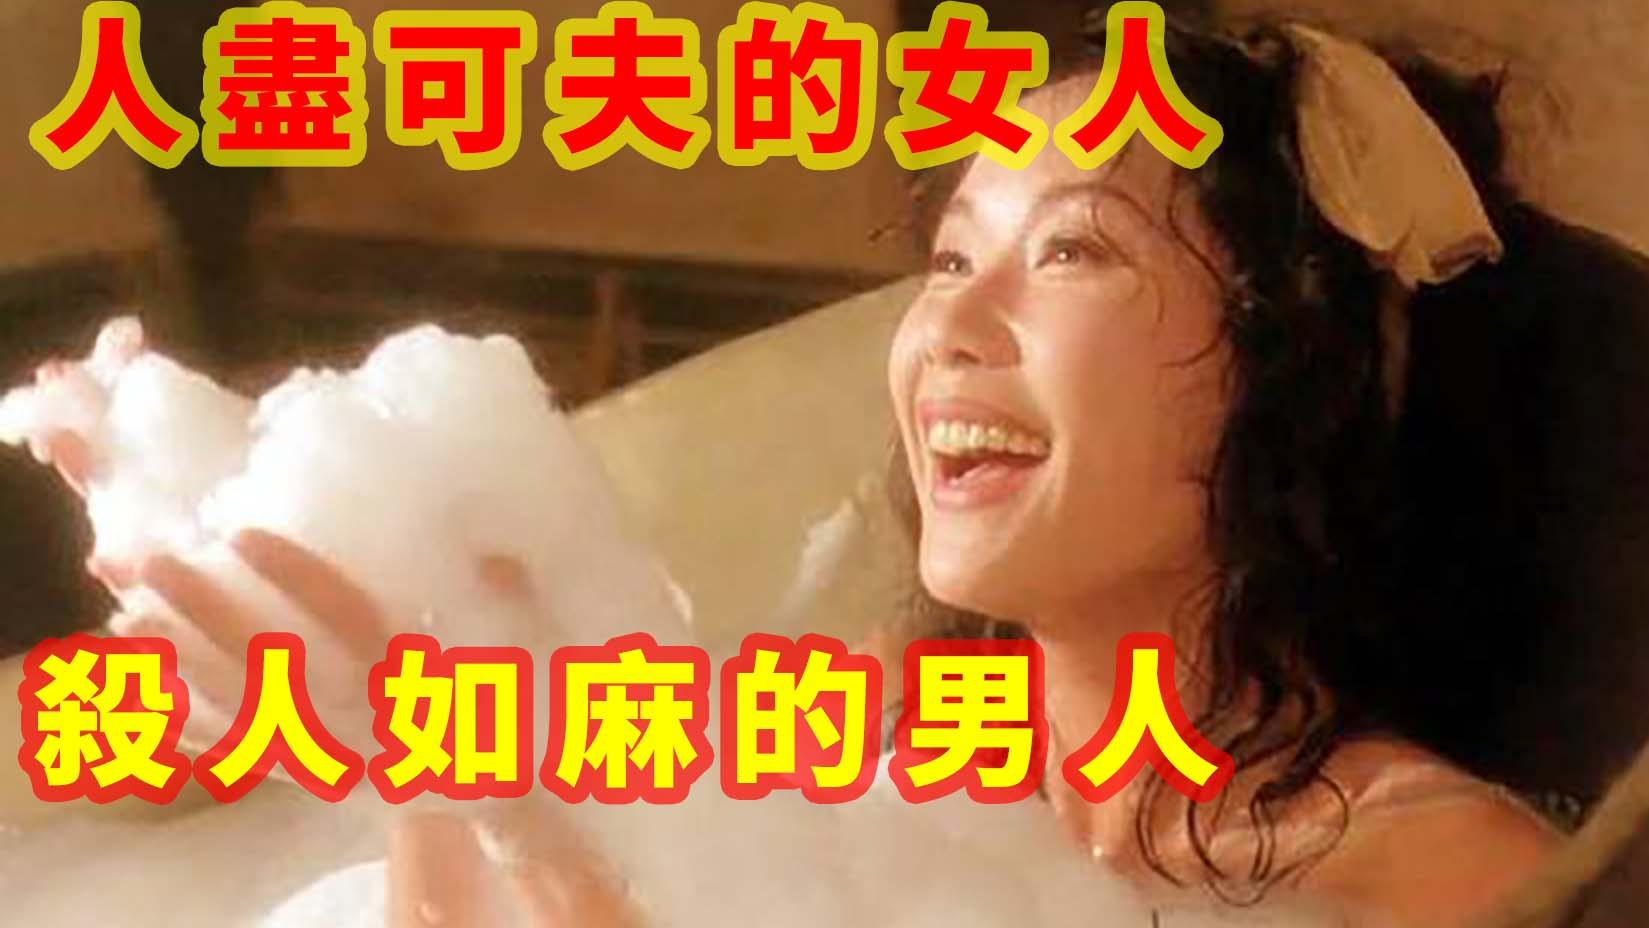 一个人尽可夫的妖艳女人,关上了香港英雄片的大门。从此英雄末路,再也回不来了。